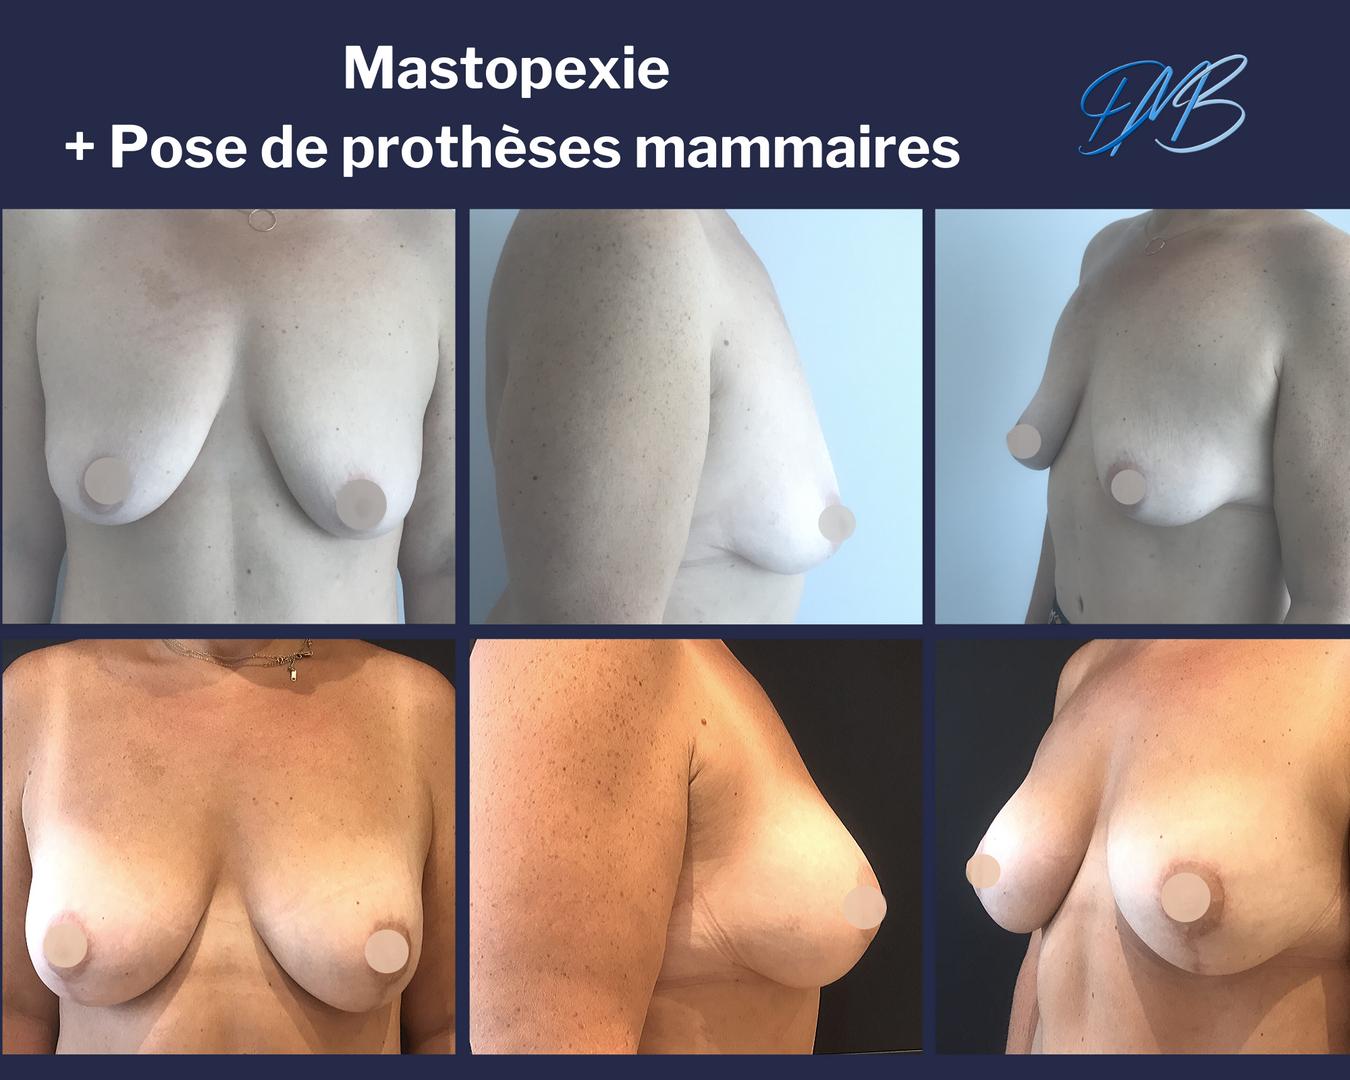 augmentation mammaire par pose de prothèse + mastopexie